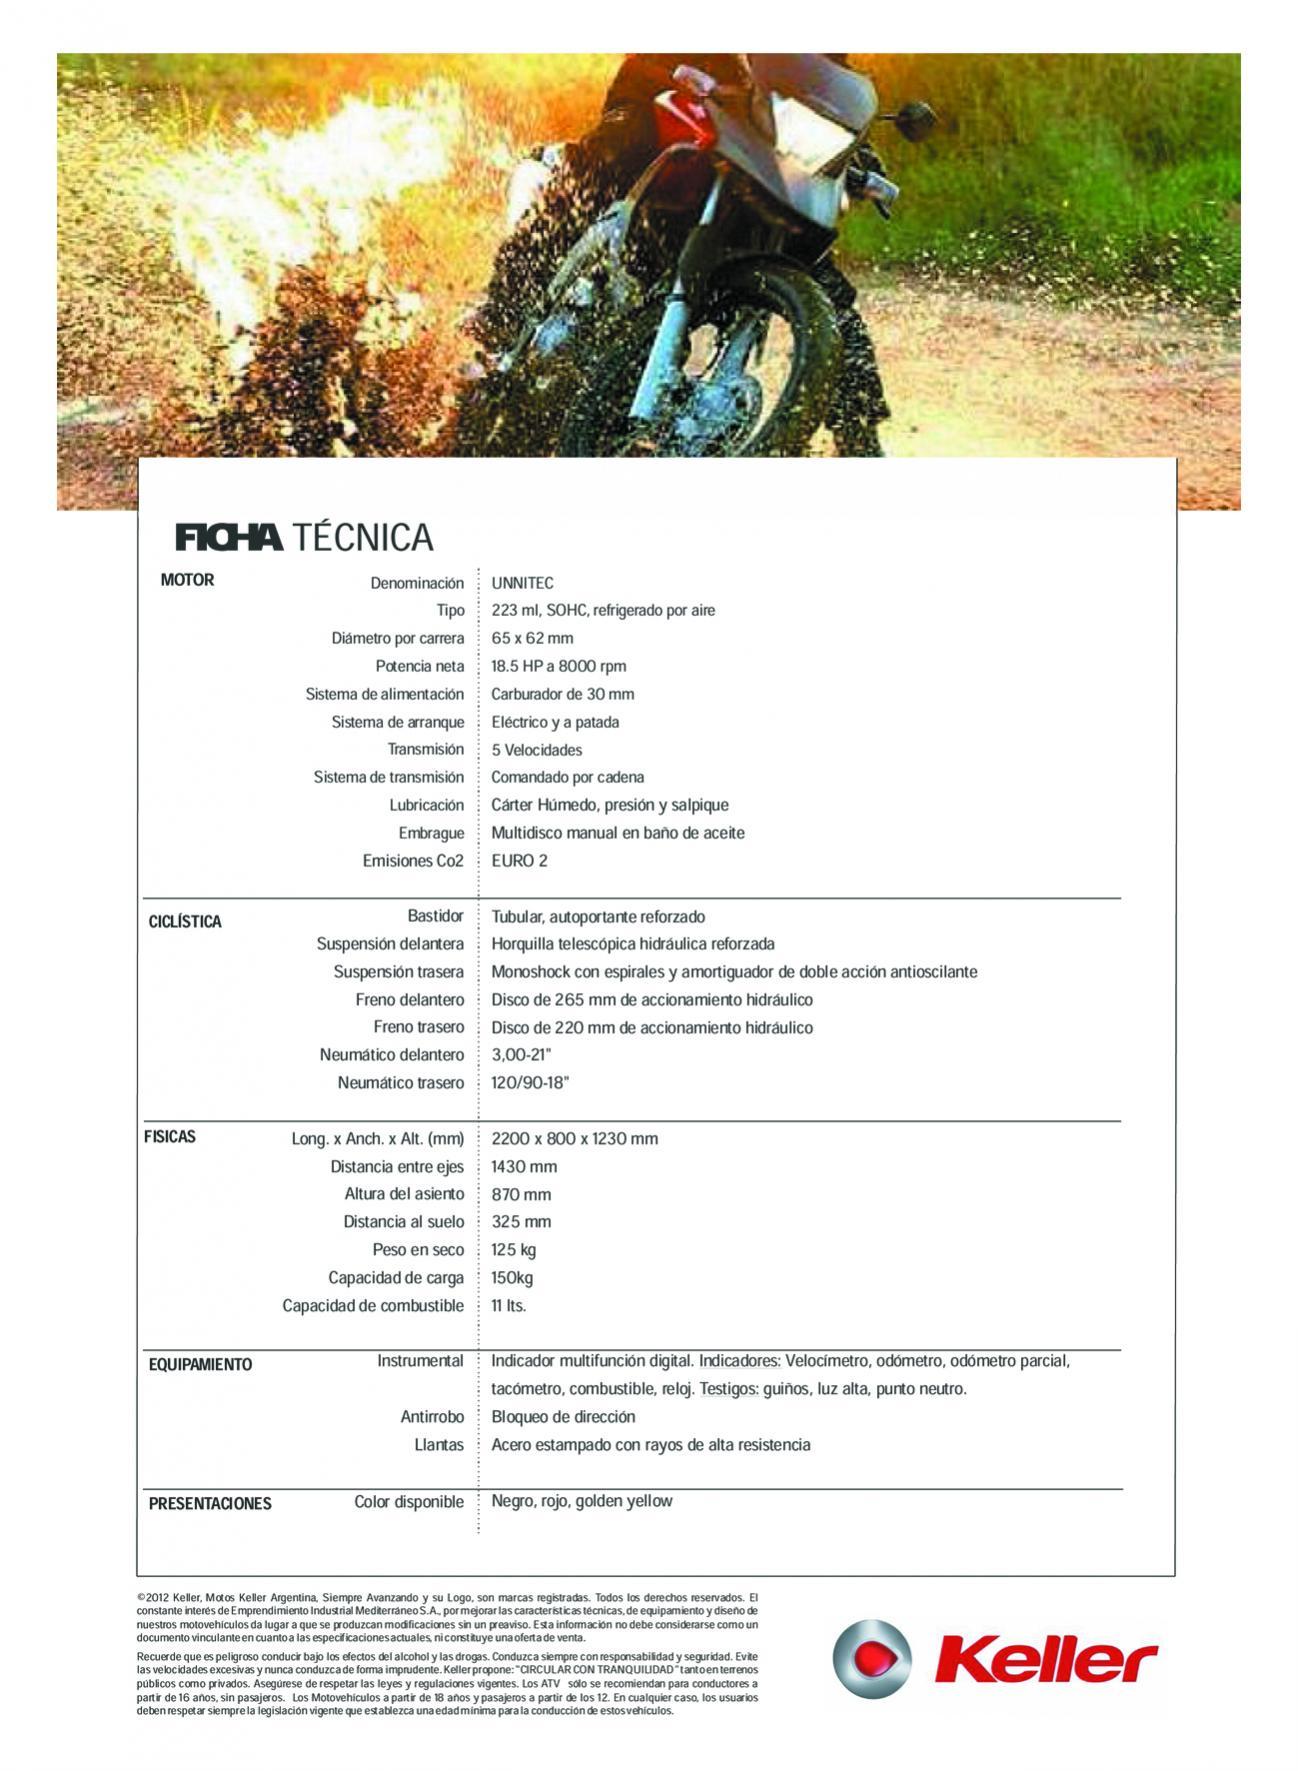 KELLER QUASAR 260cc Ficha10